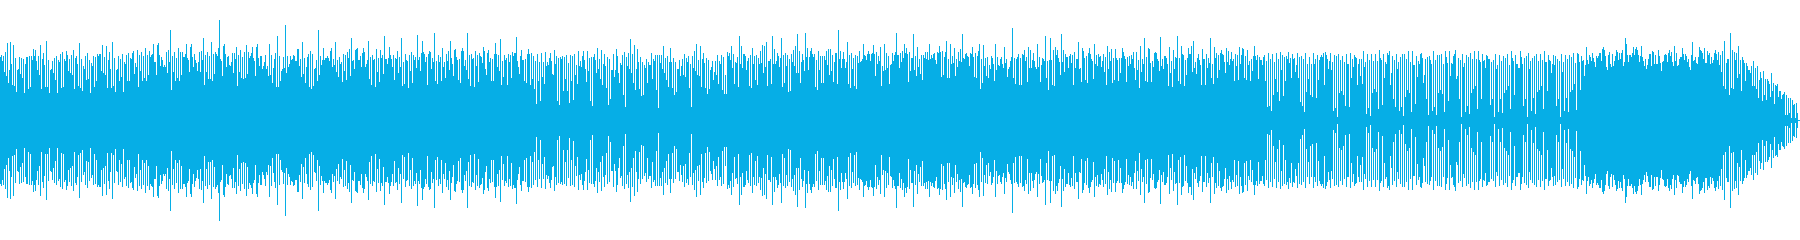 ファンク。融合。ビデオギャグ。控え...の再生済みの波形